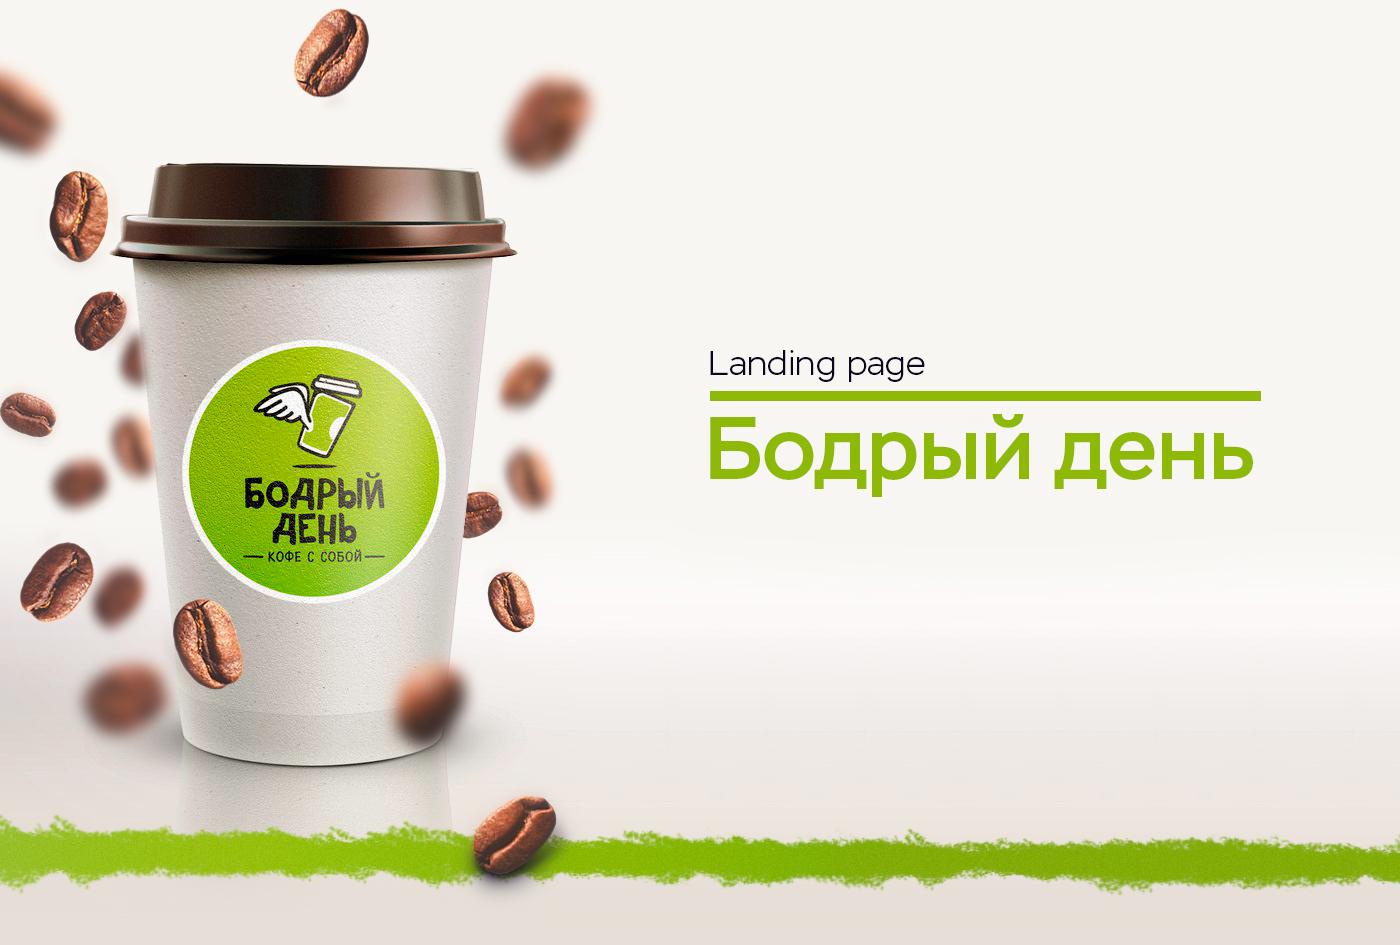 картинка реклама про кофе предлагает великолепную породную